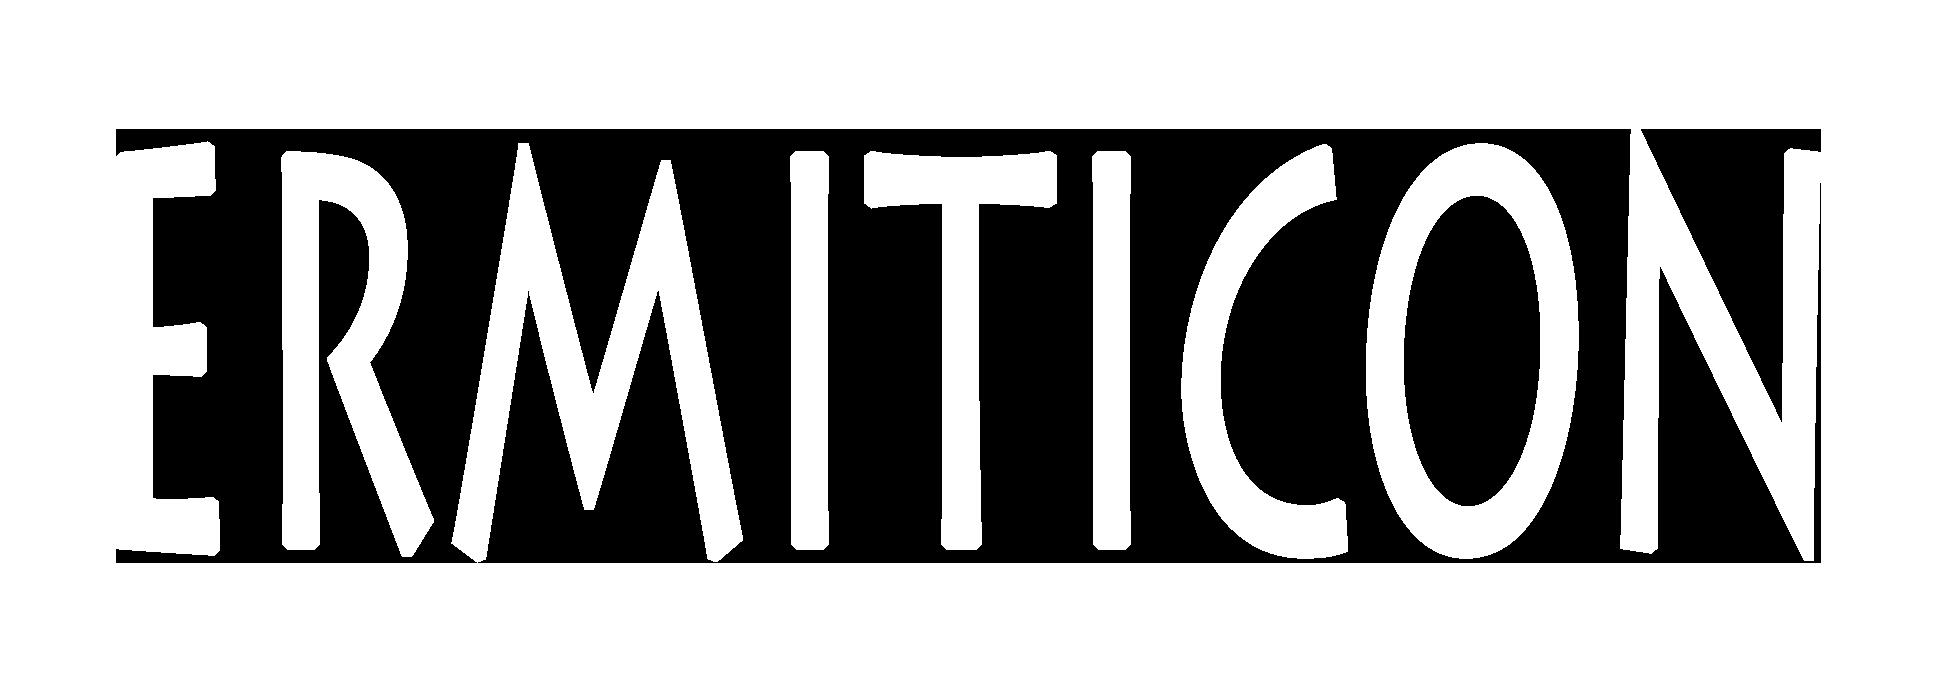 Ermiticon